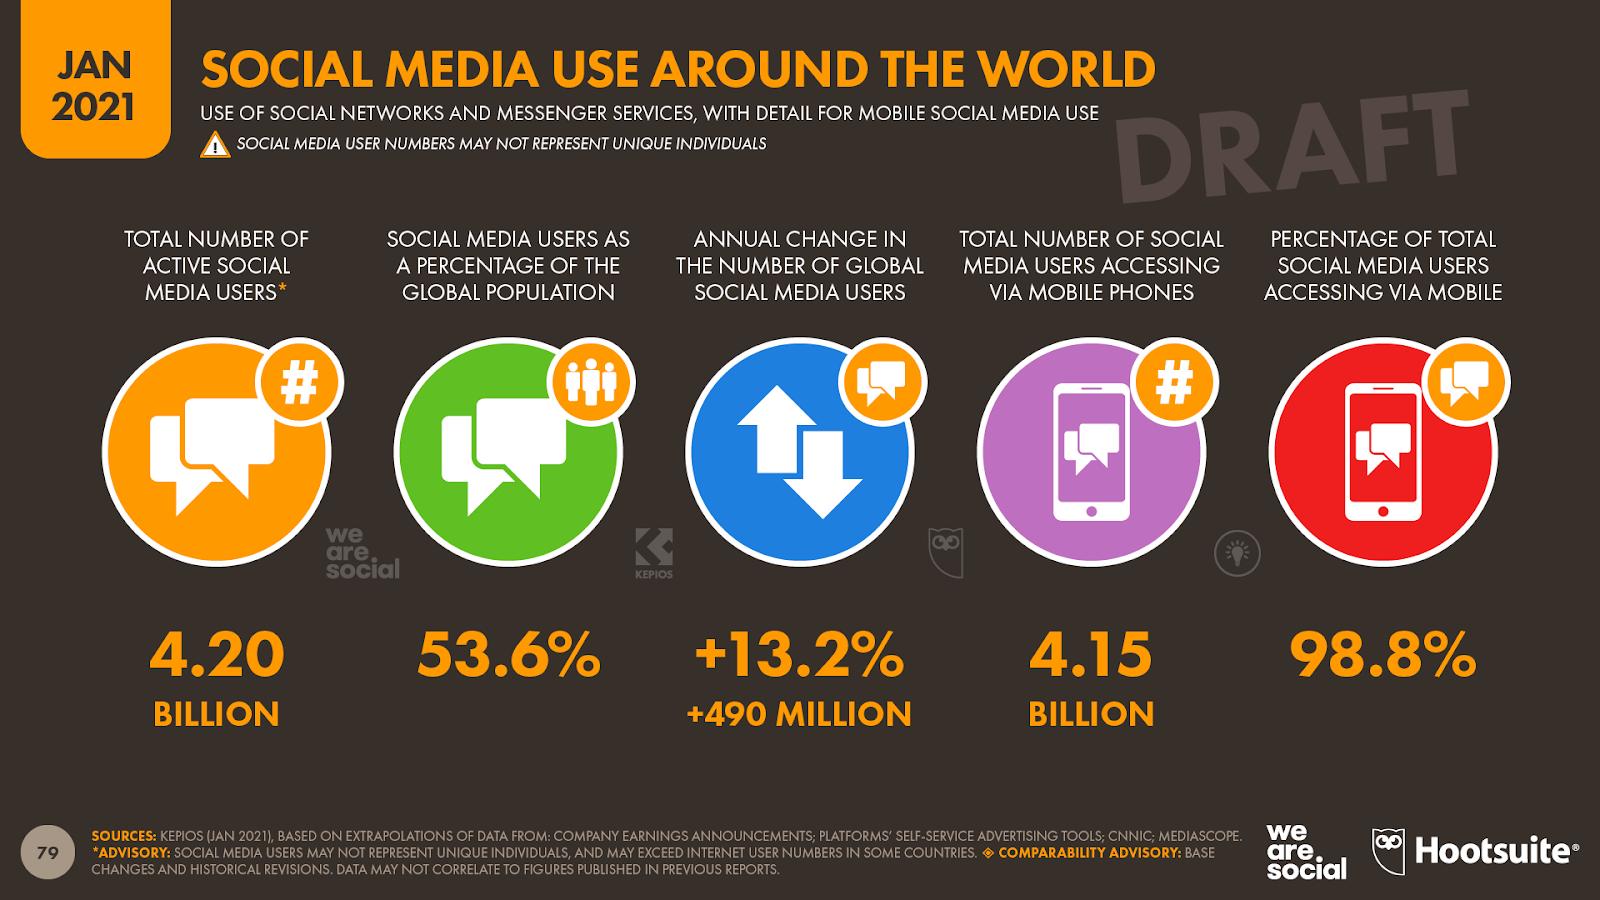 Graphique sur l'utilisation des médias sociaux à travers le monde